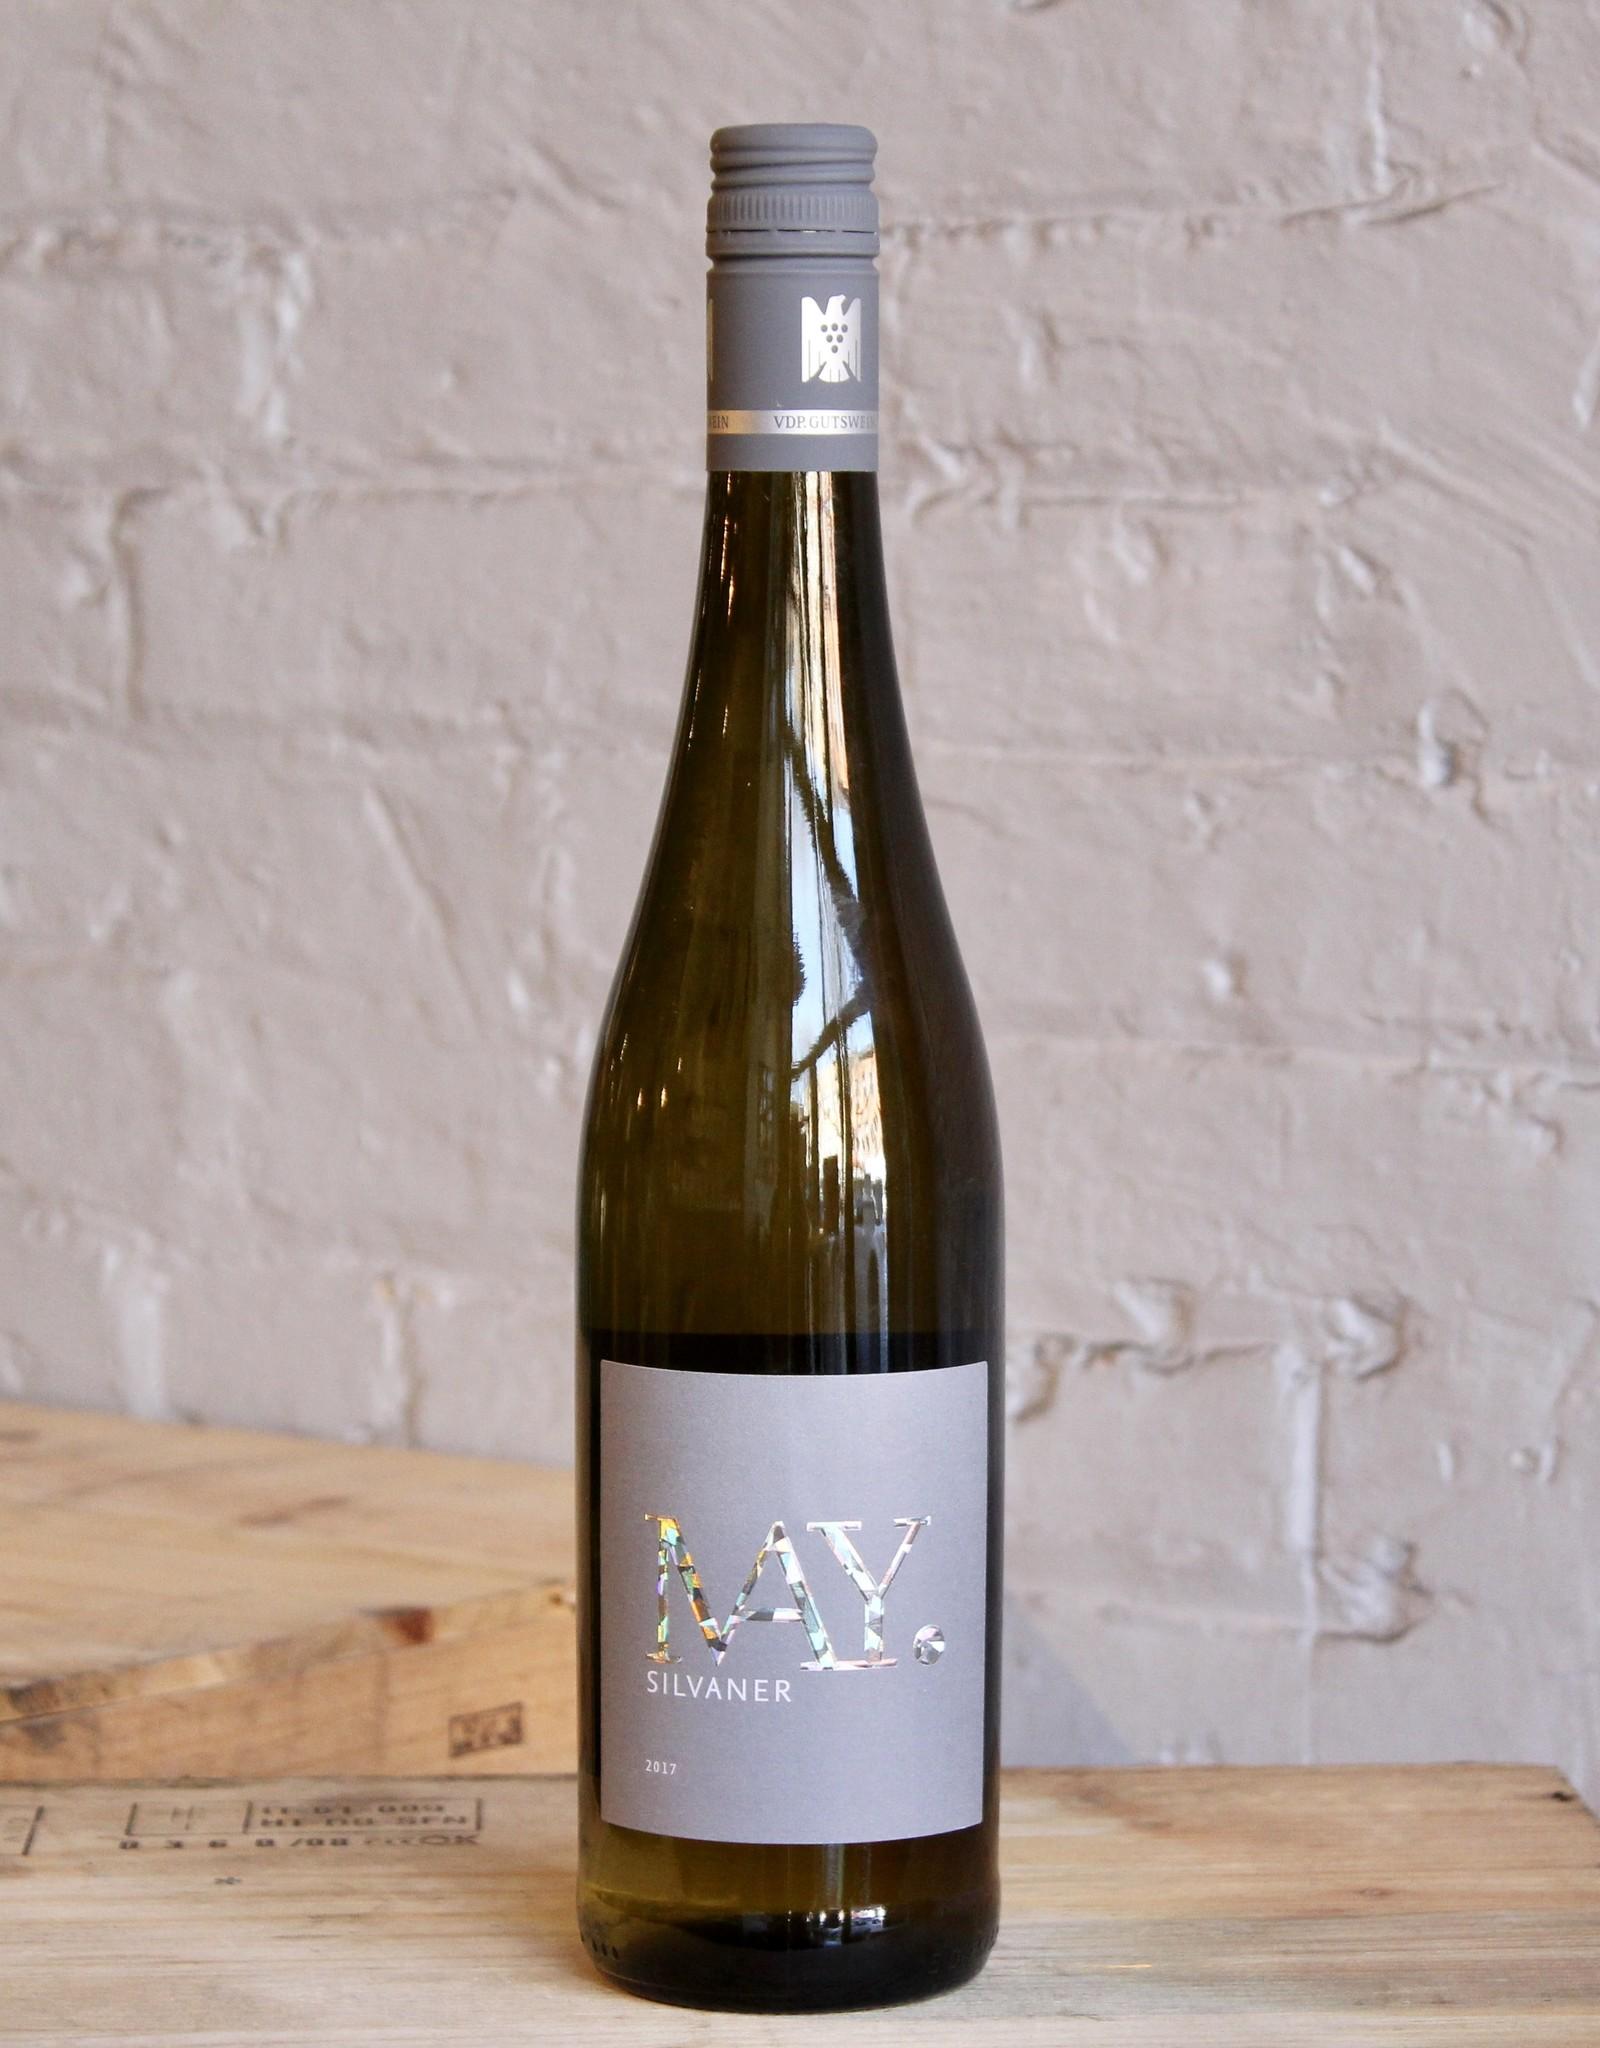 Wine 2017 Weingut May Silvaner Trocken Gutswein - Franken, Germany